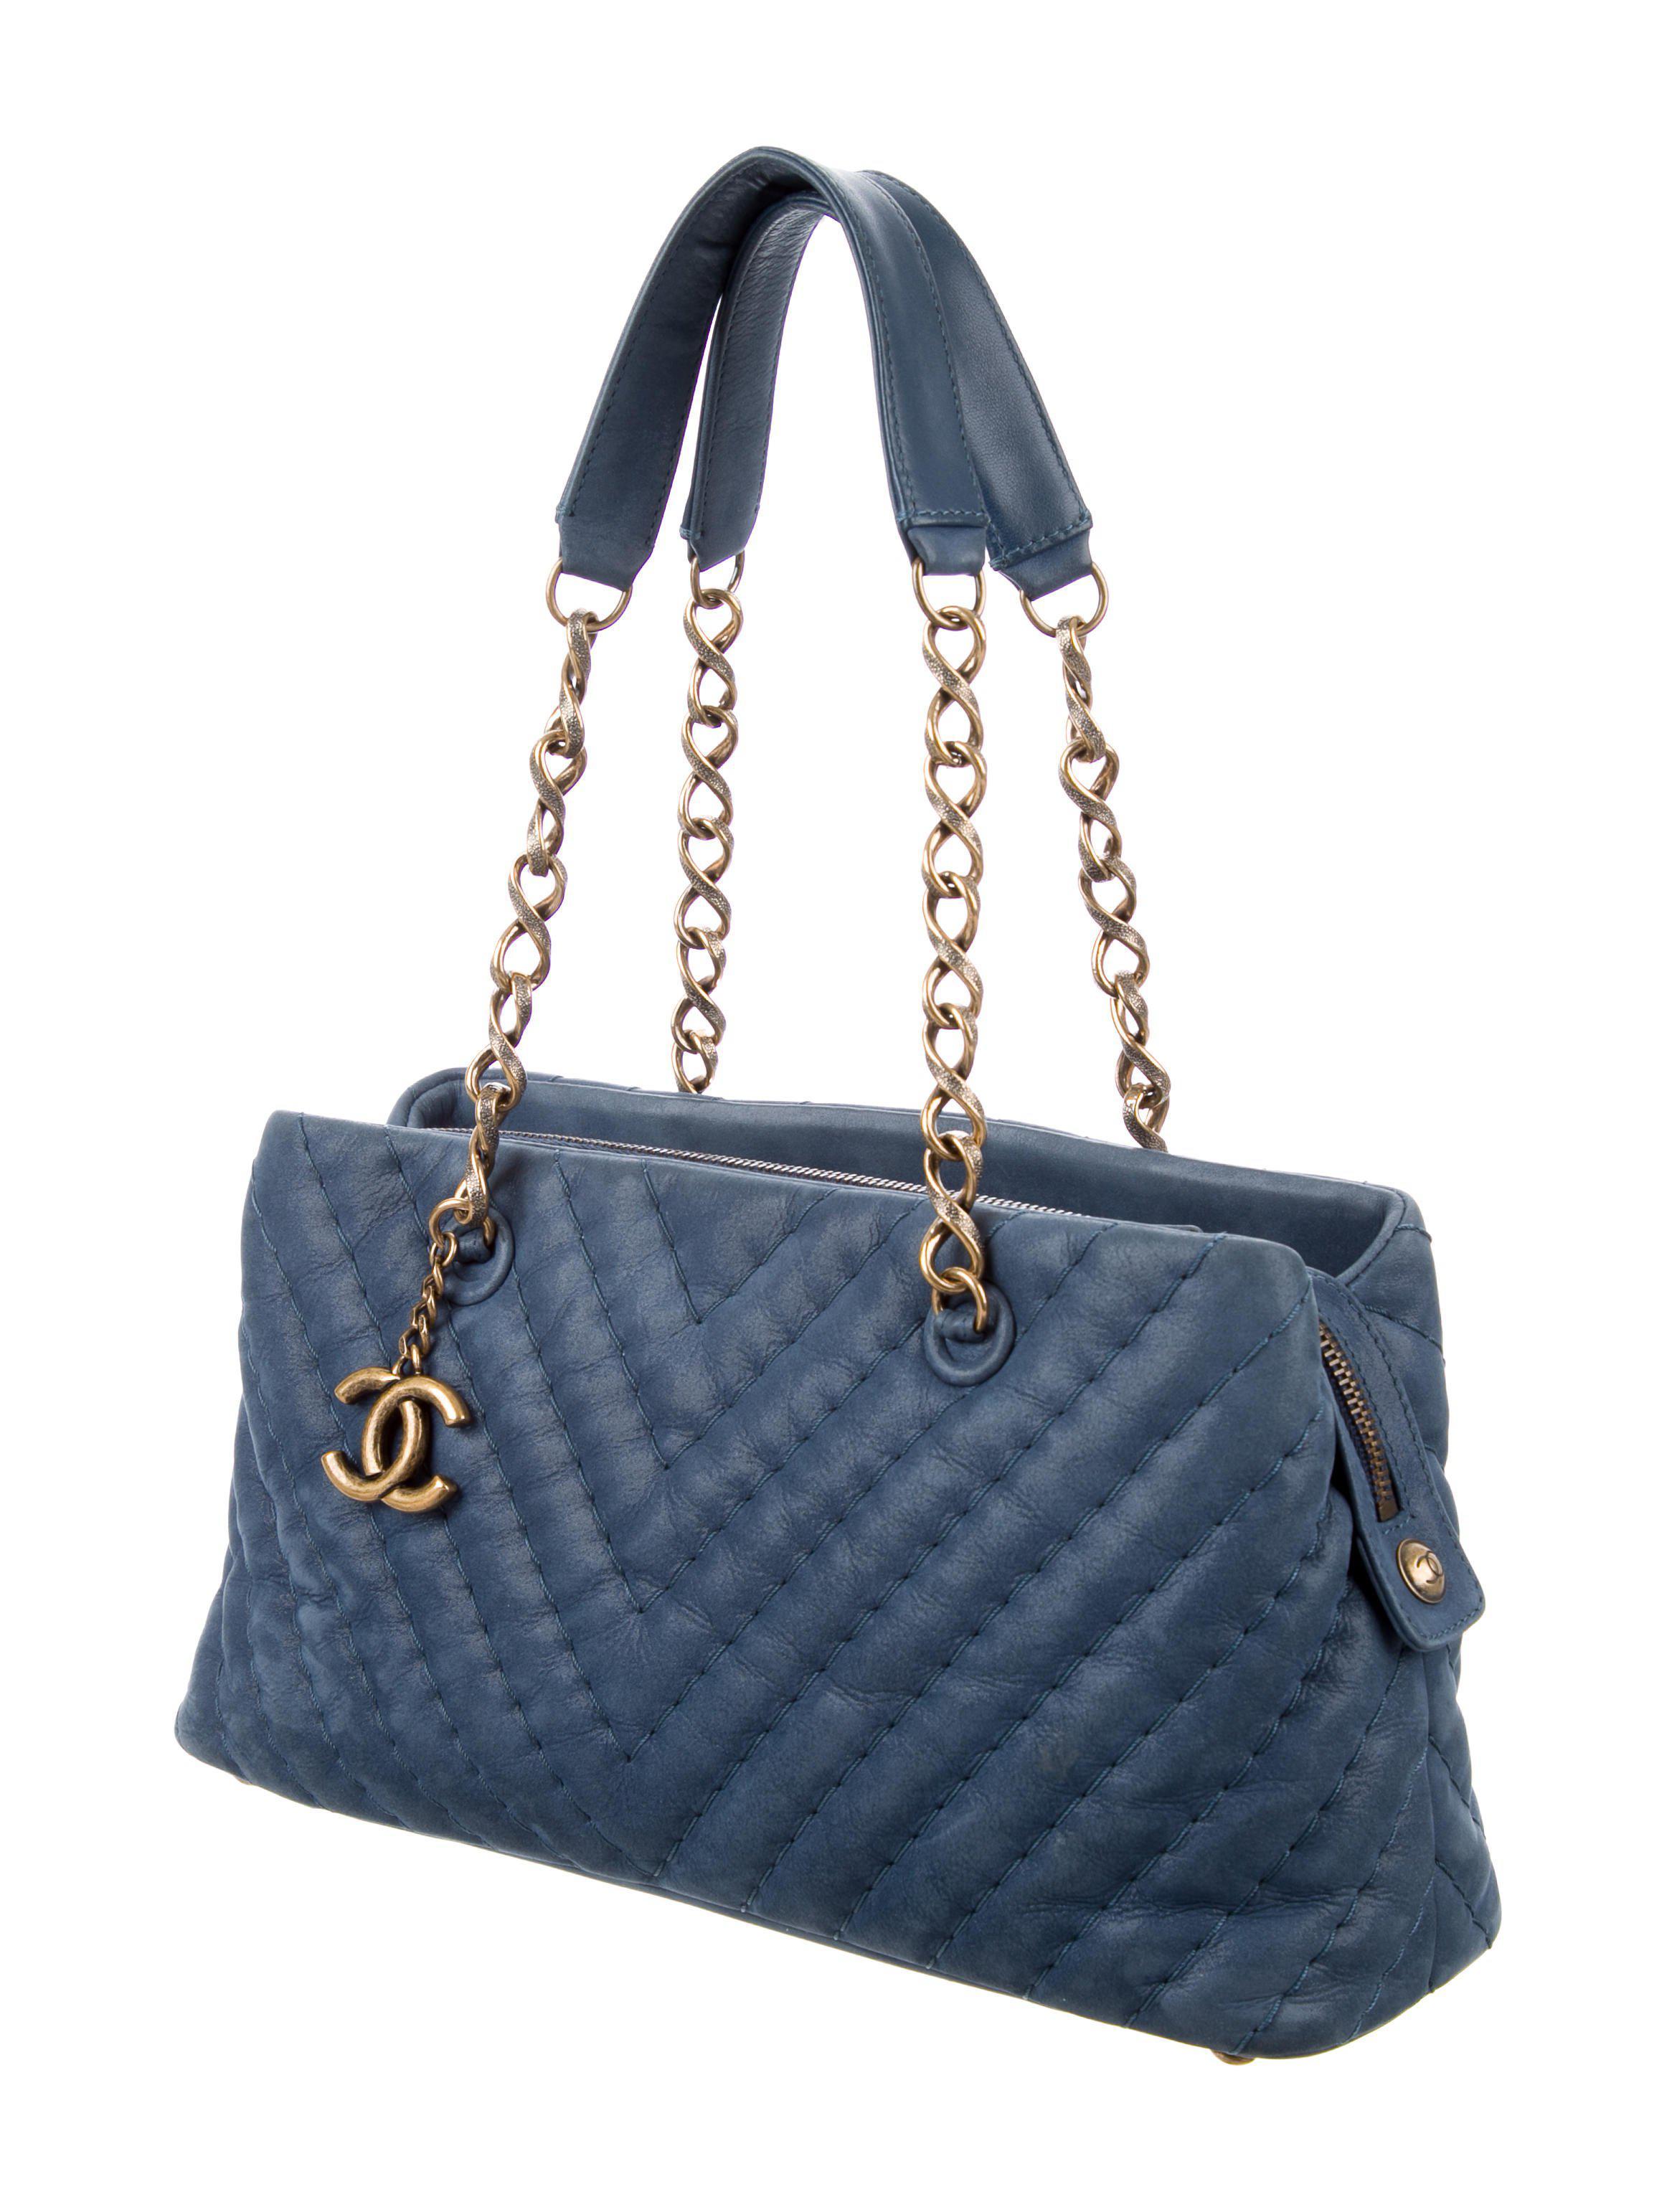 b00a99fe126d Lyst - Chanel Surpique Chevron Small Tote Blue in Metallic